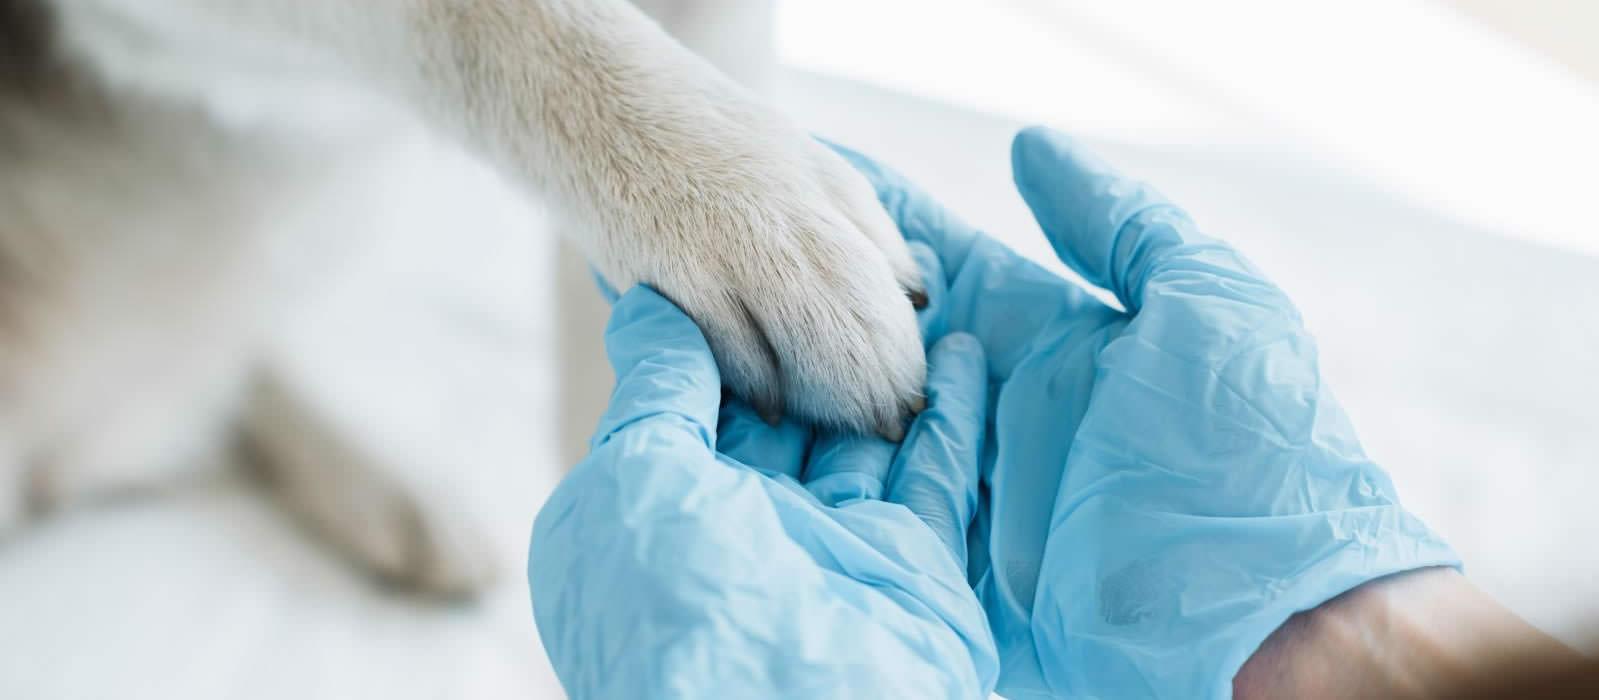 cão com pata na mão de uma pessoa